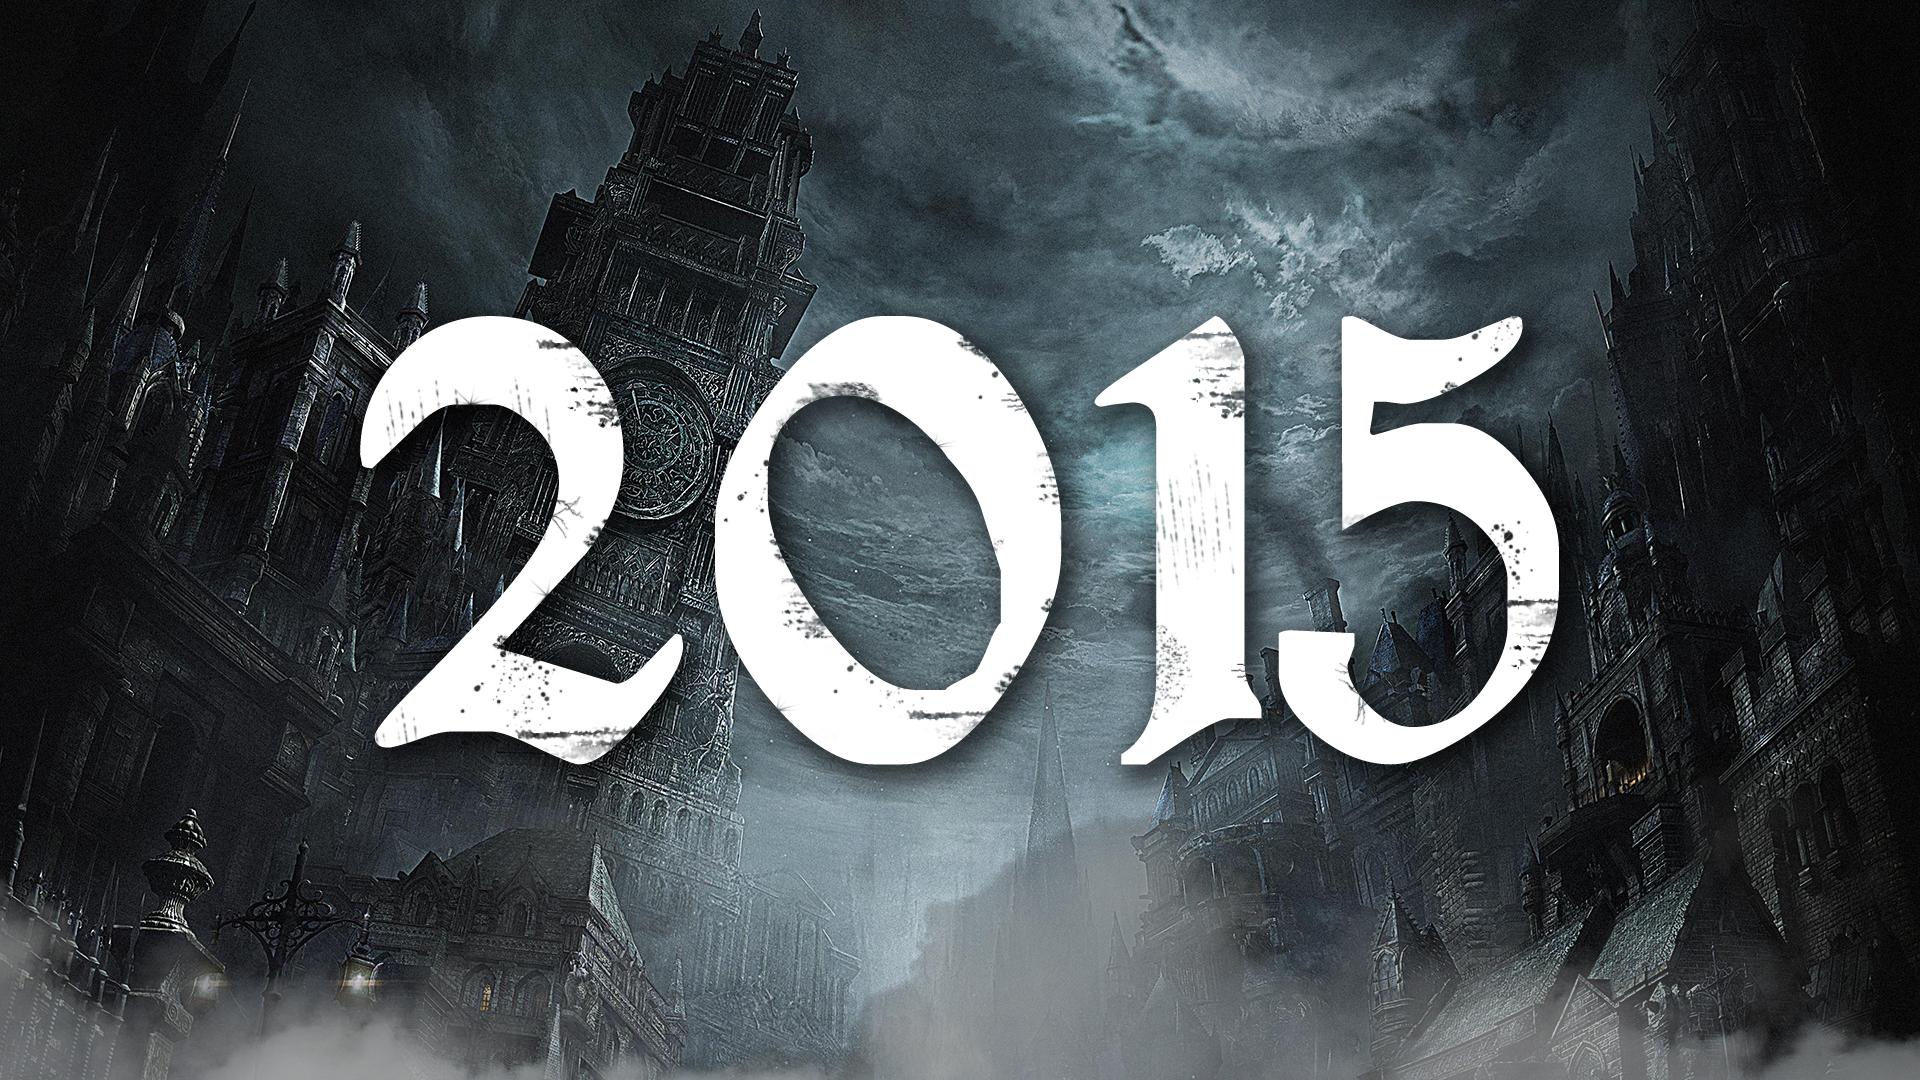 2015 Bloodborne.jpg